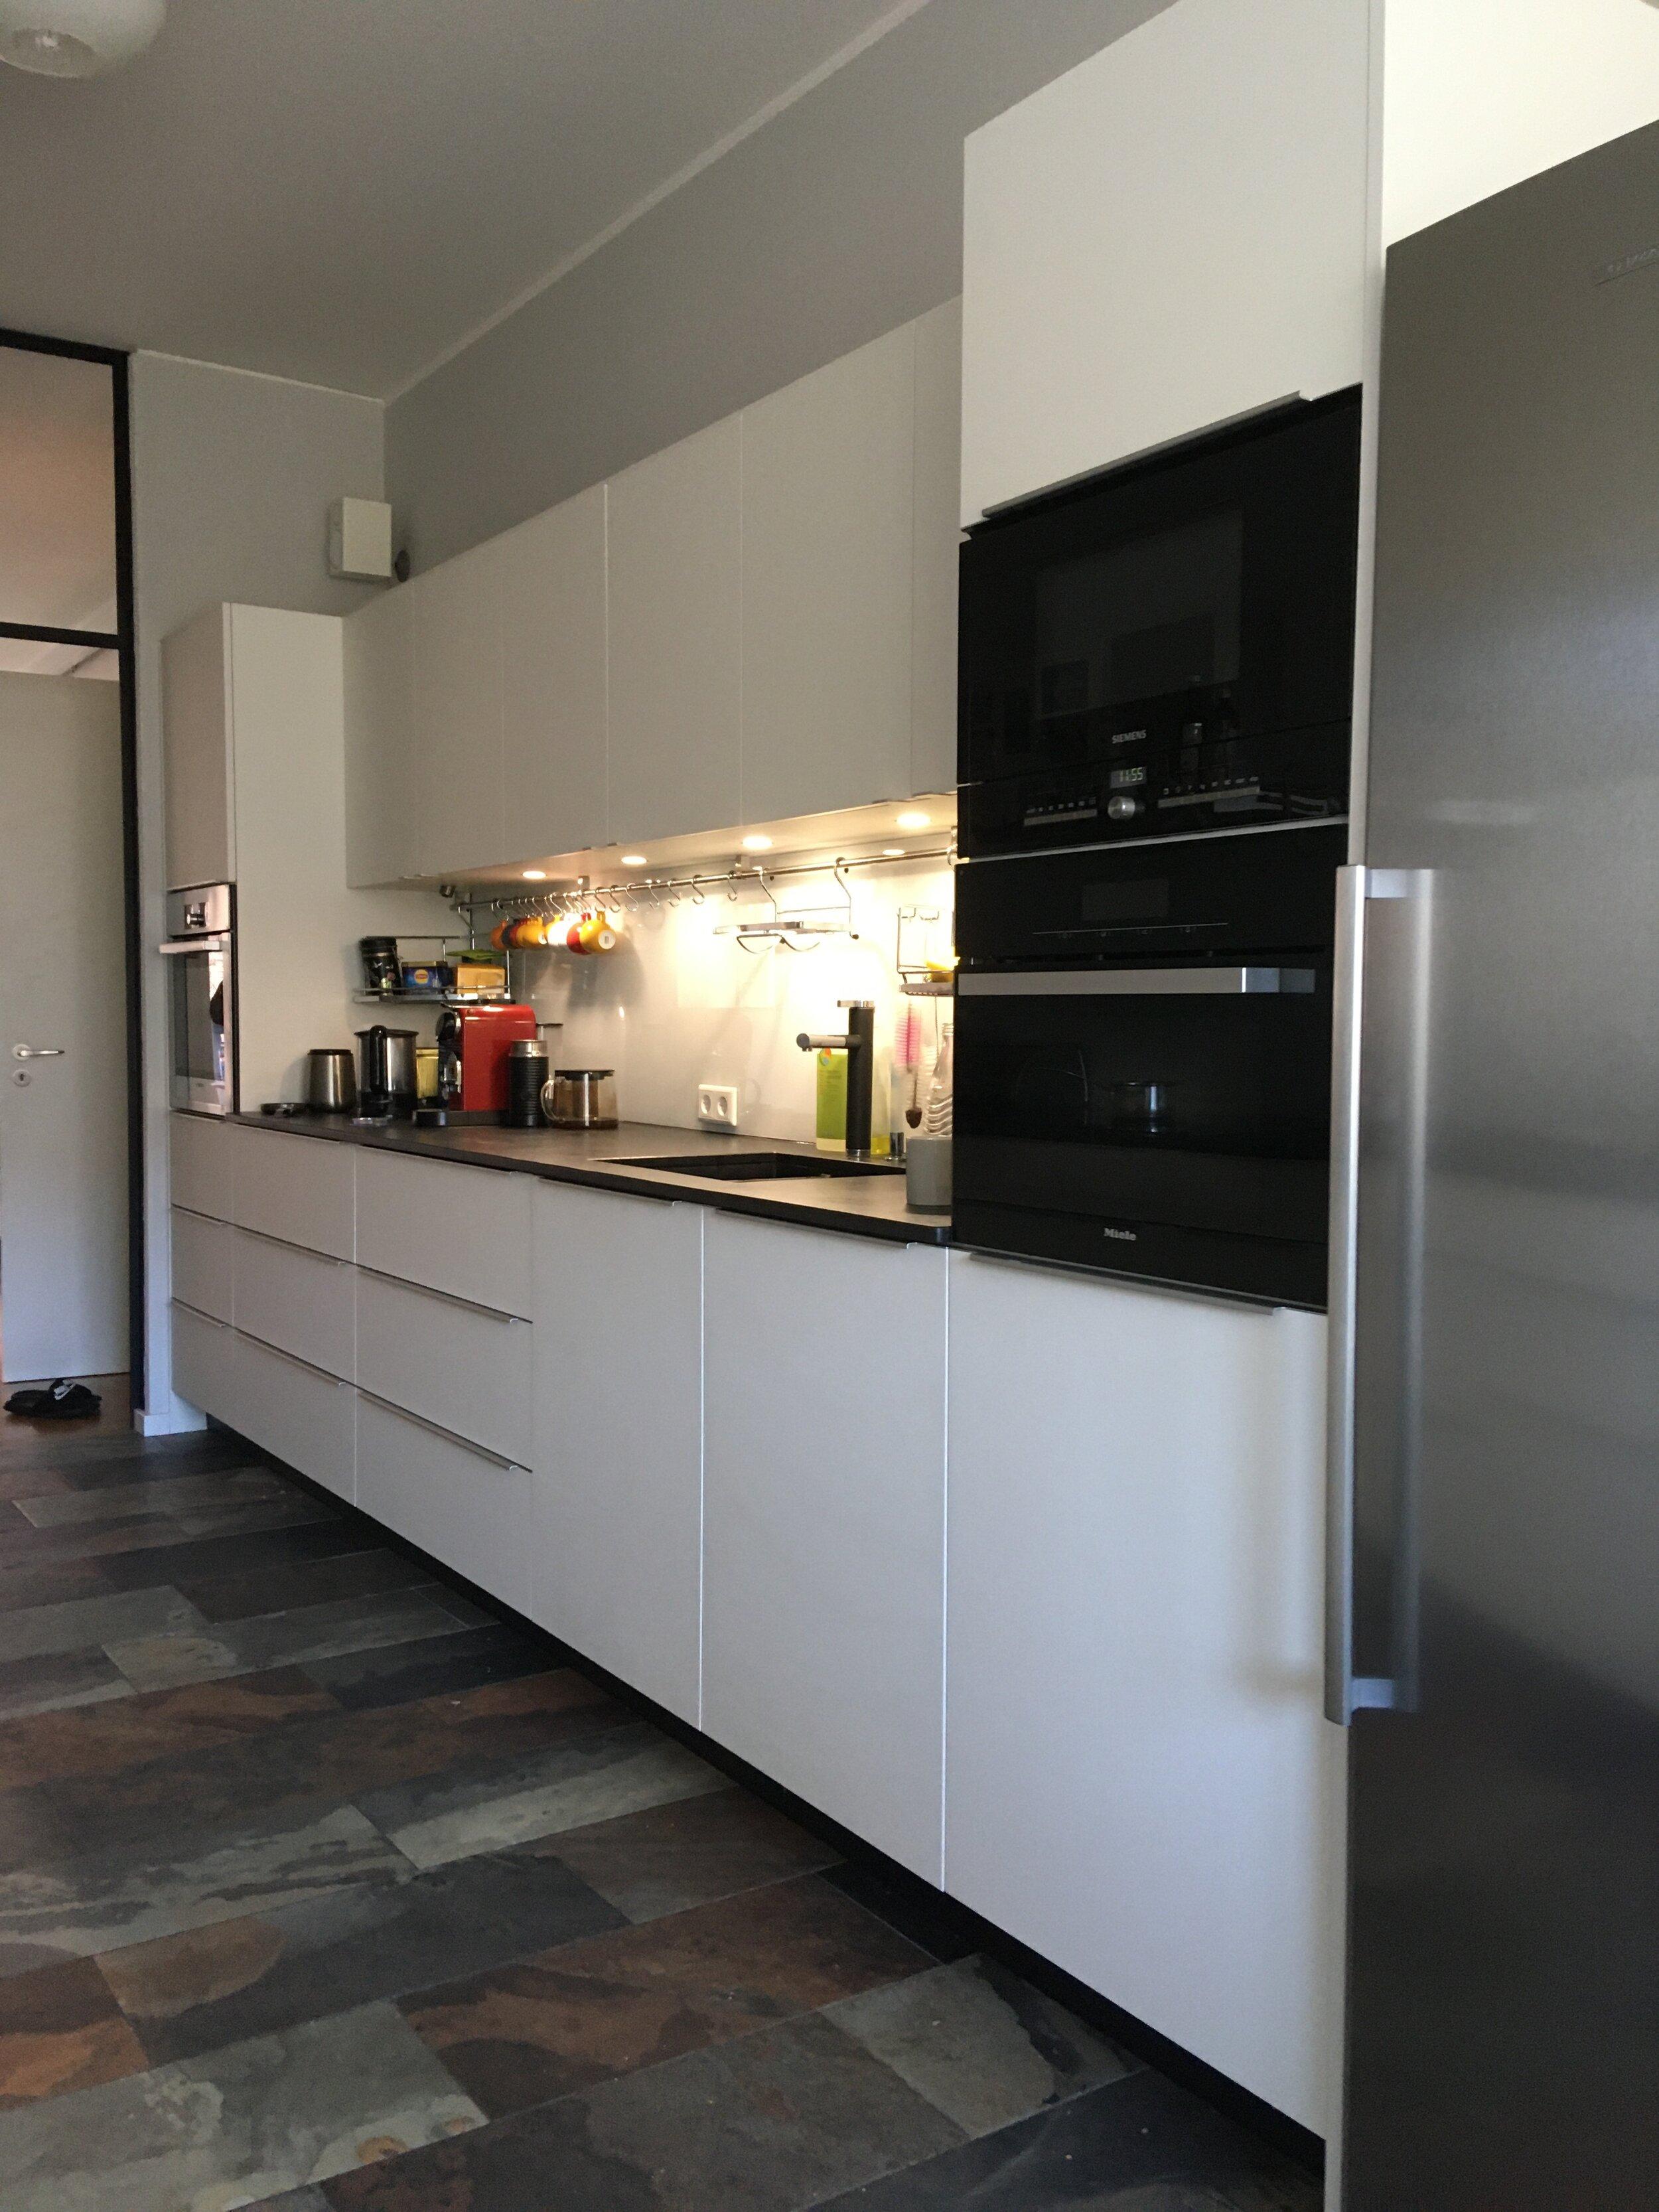 Luckner-MO.de - Küchen von Aachen nach Berlin Luckner Möbel